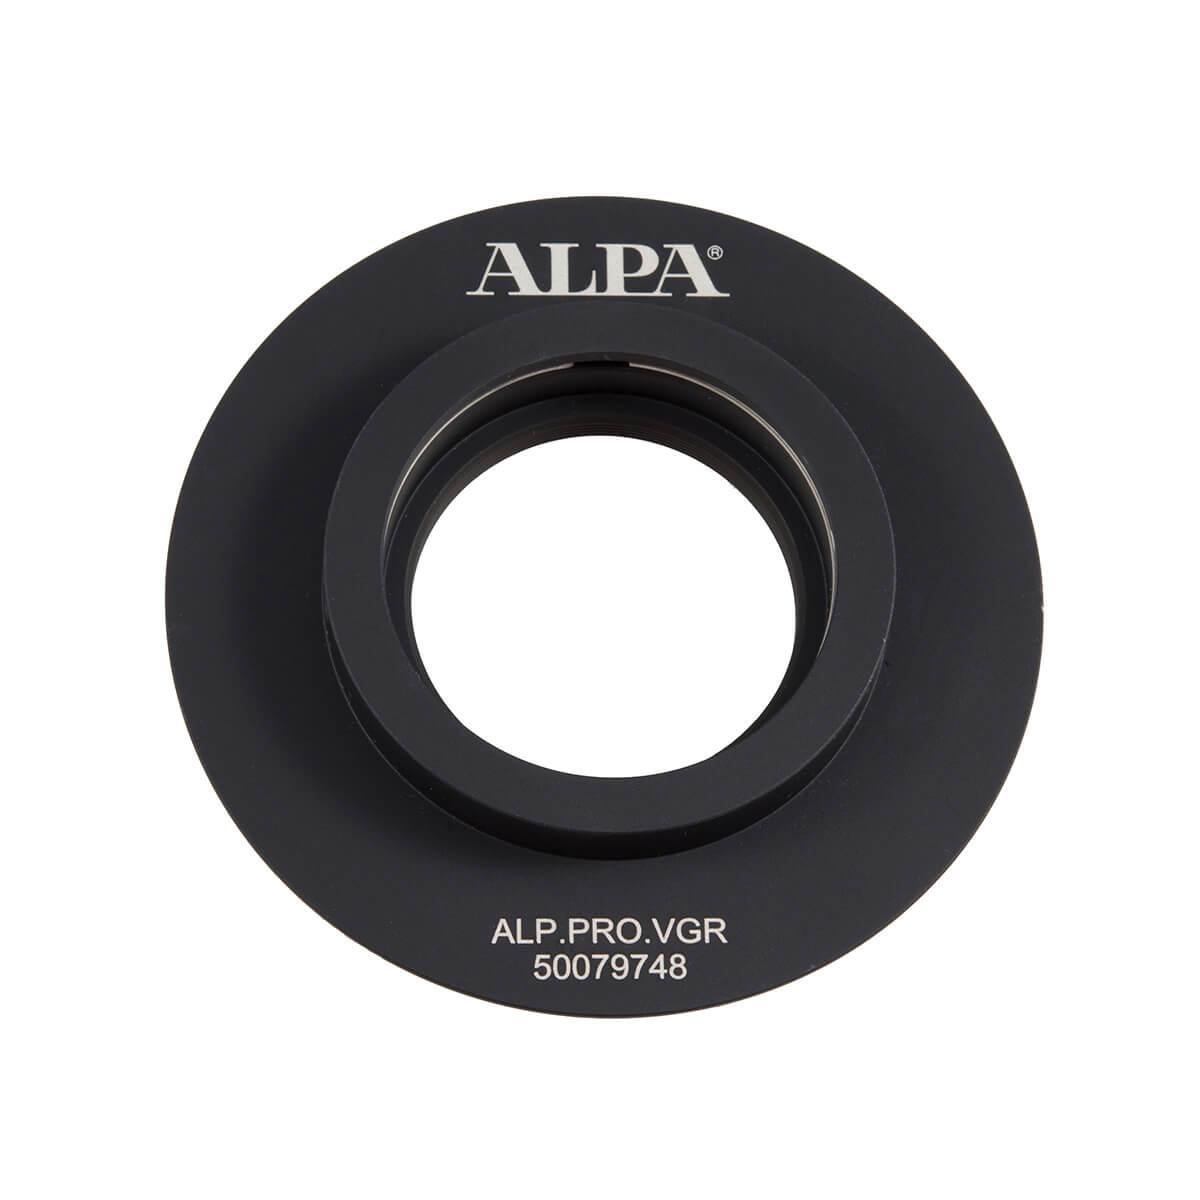 ALPA / Novoflex V Groove Adapter